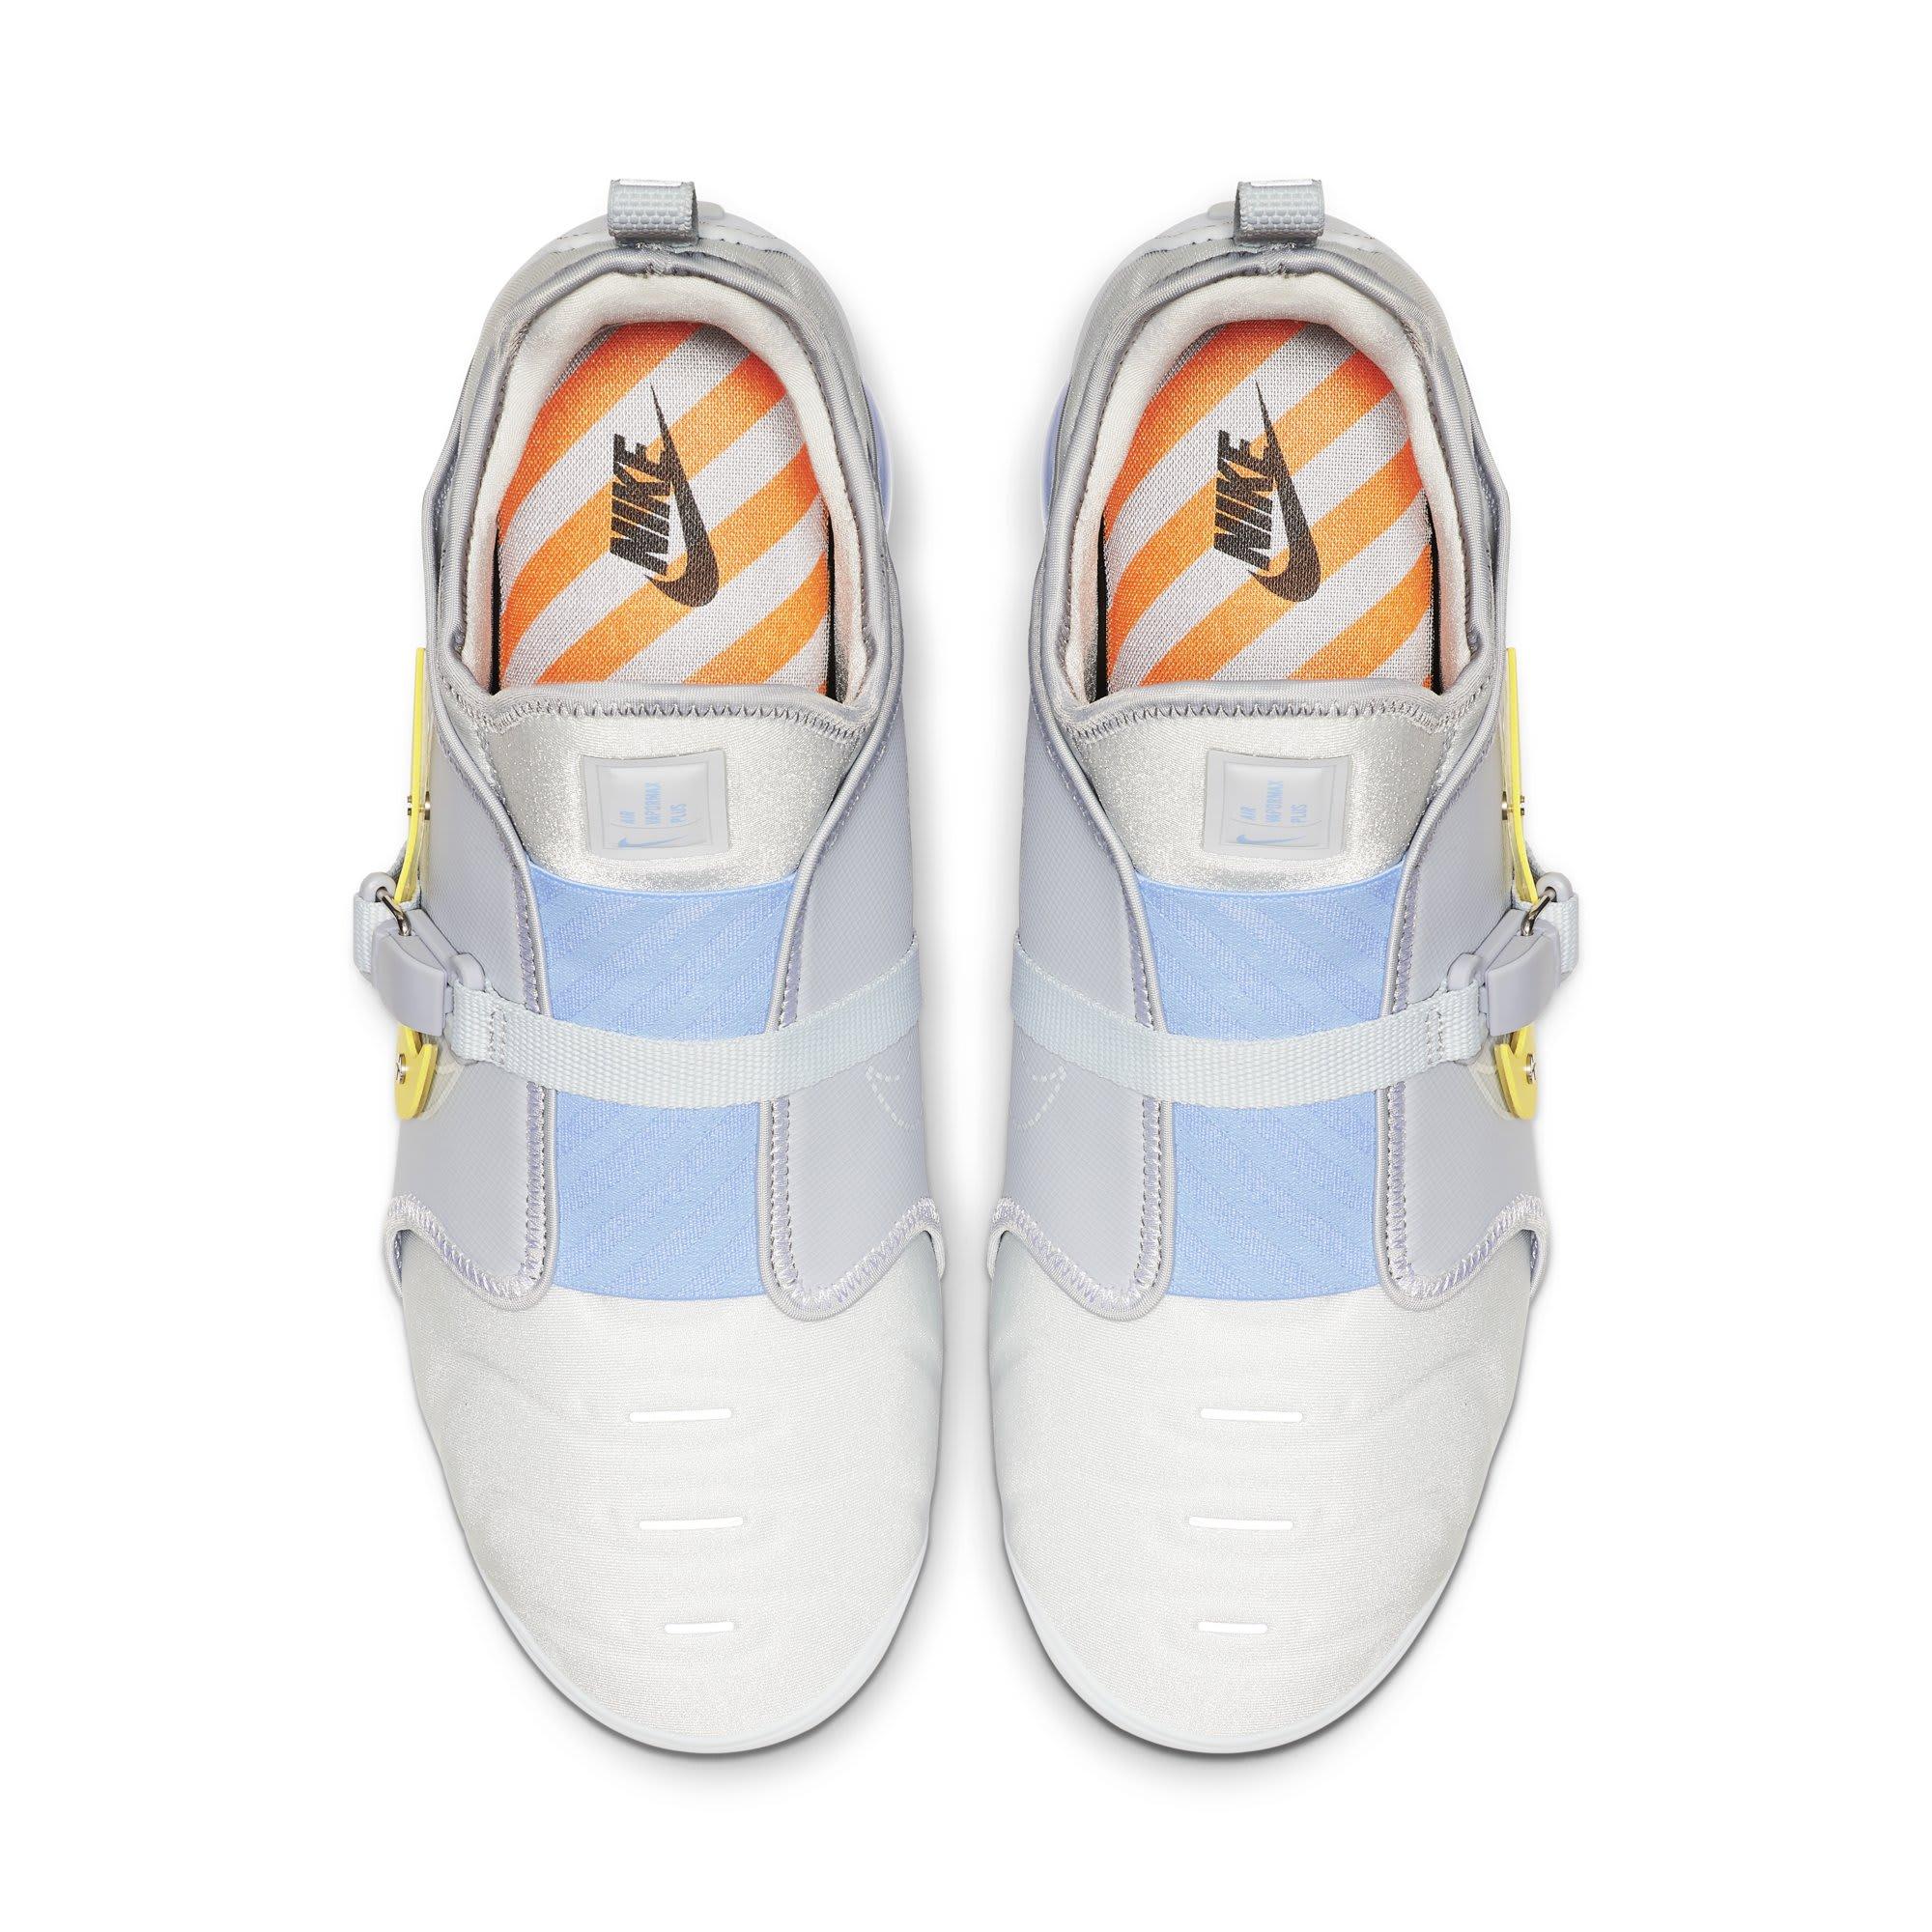 Nike Air VaporMax Plus 'Paris Works in Progress' CI1506-001 (Top)